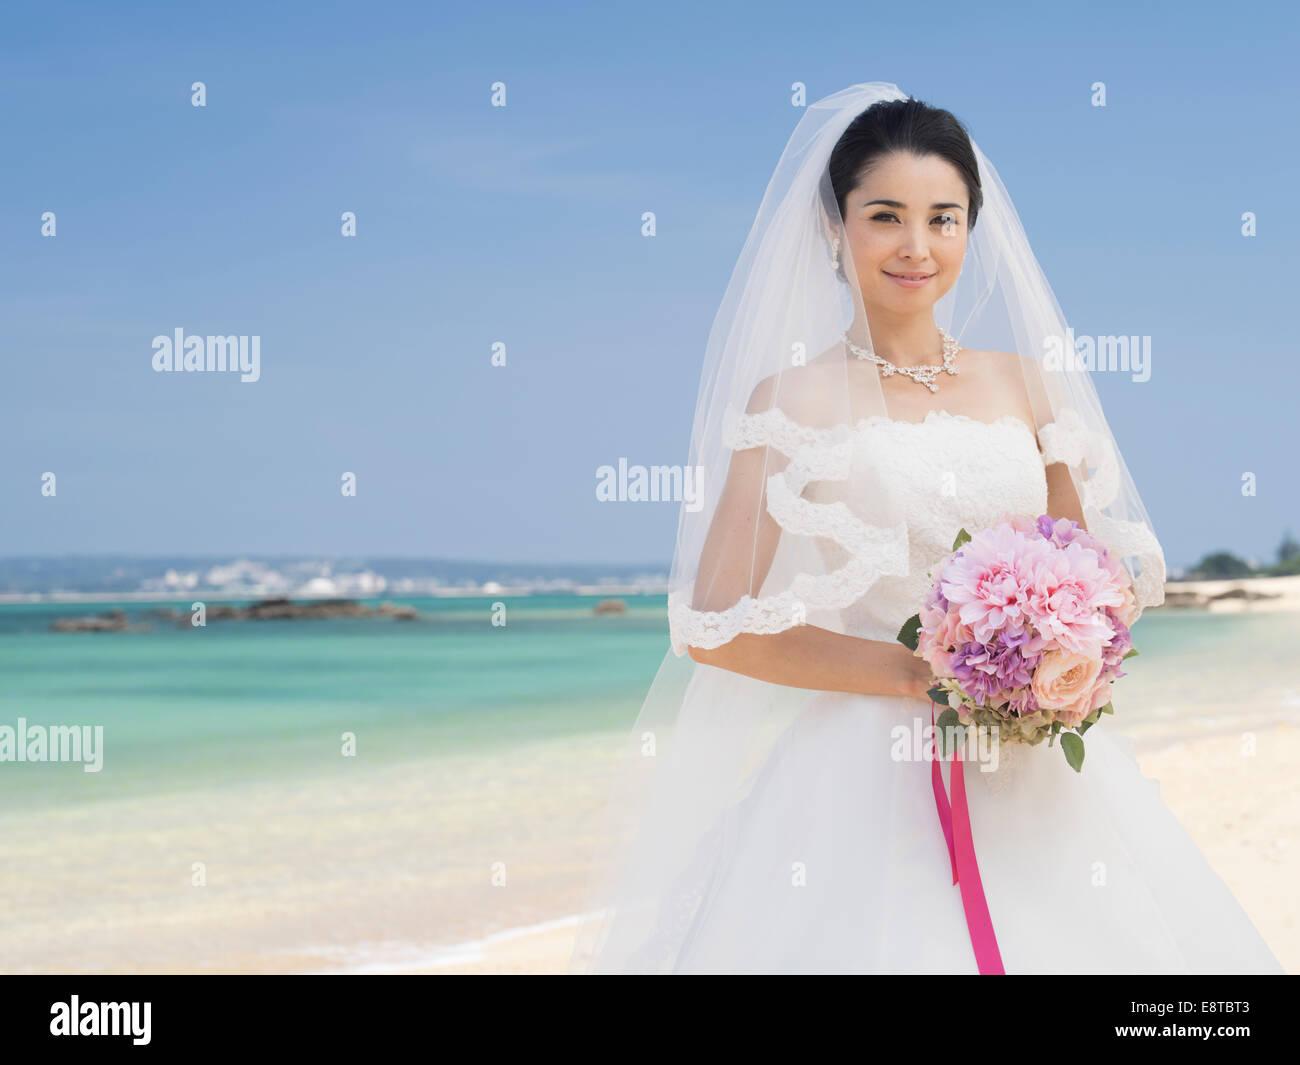 Nett Brautkleider In Japan Fotos - Brautkleider Ideen - cashingy.info